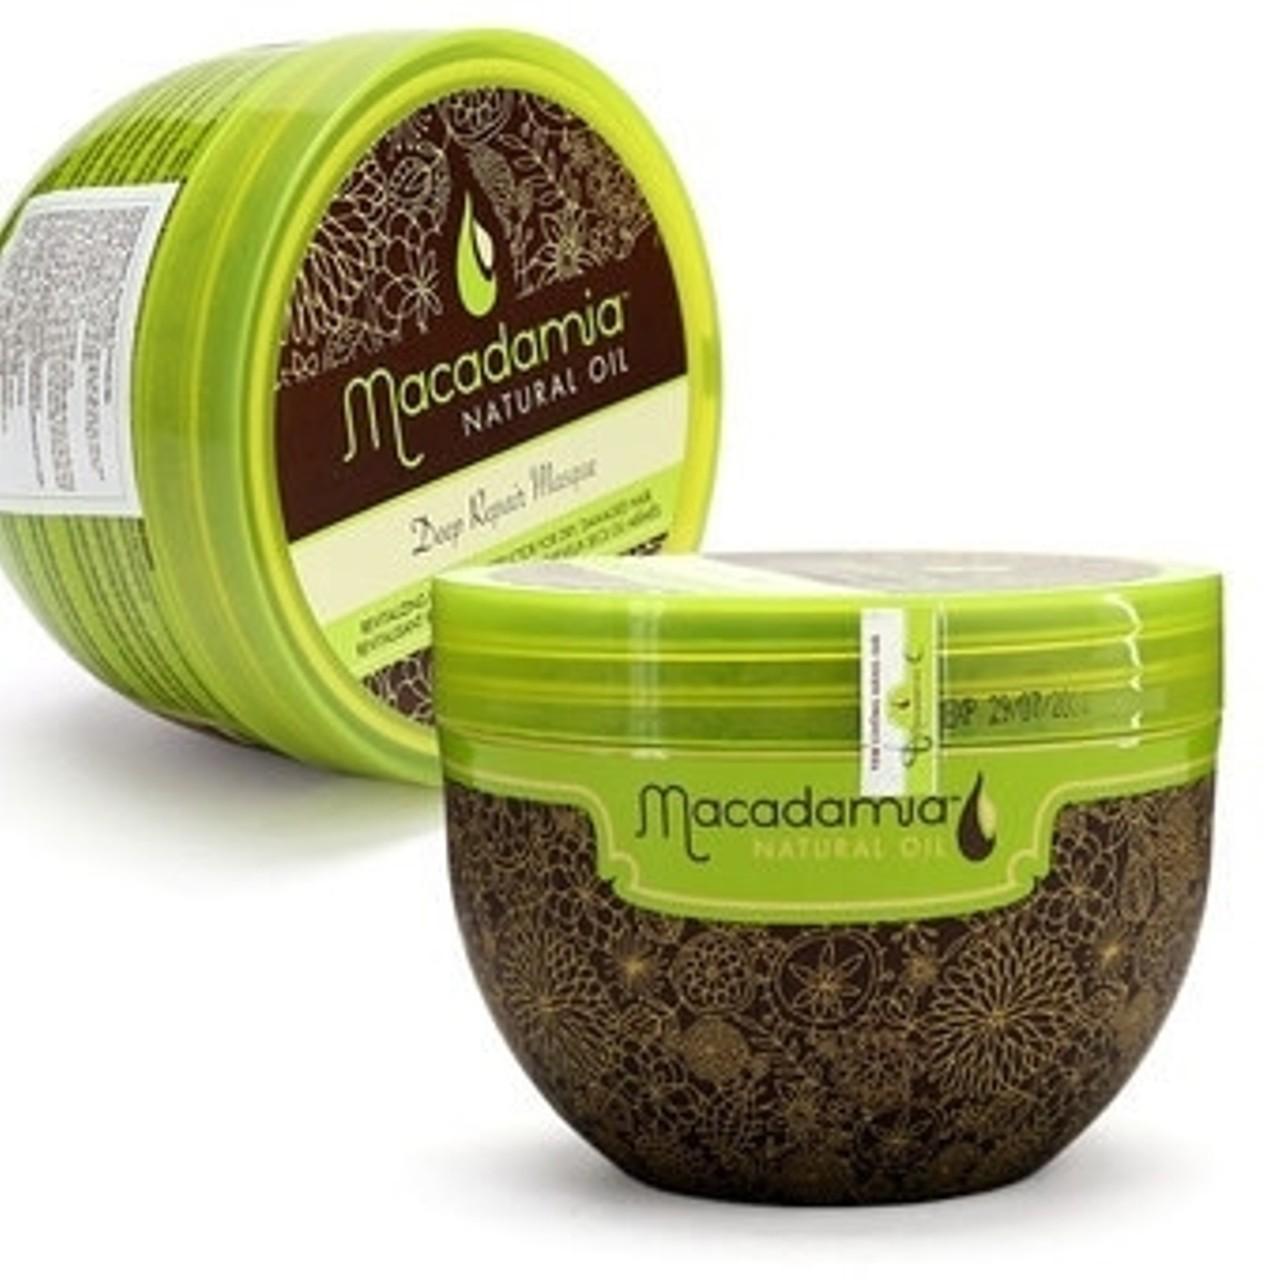 Kem ủ tóc Macadamia phục hồi